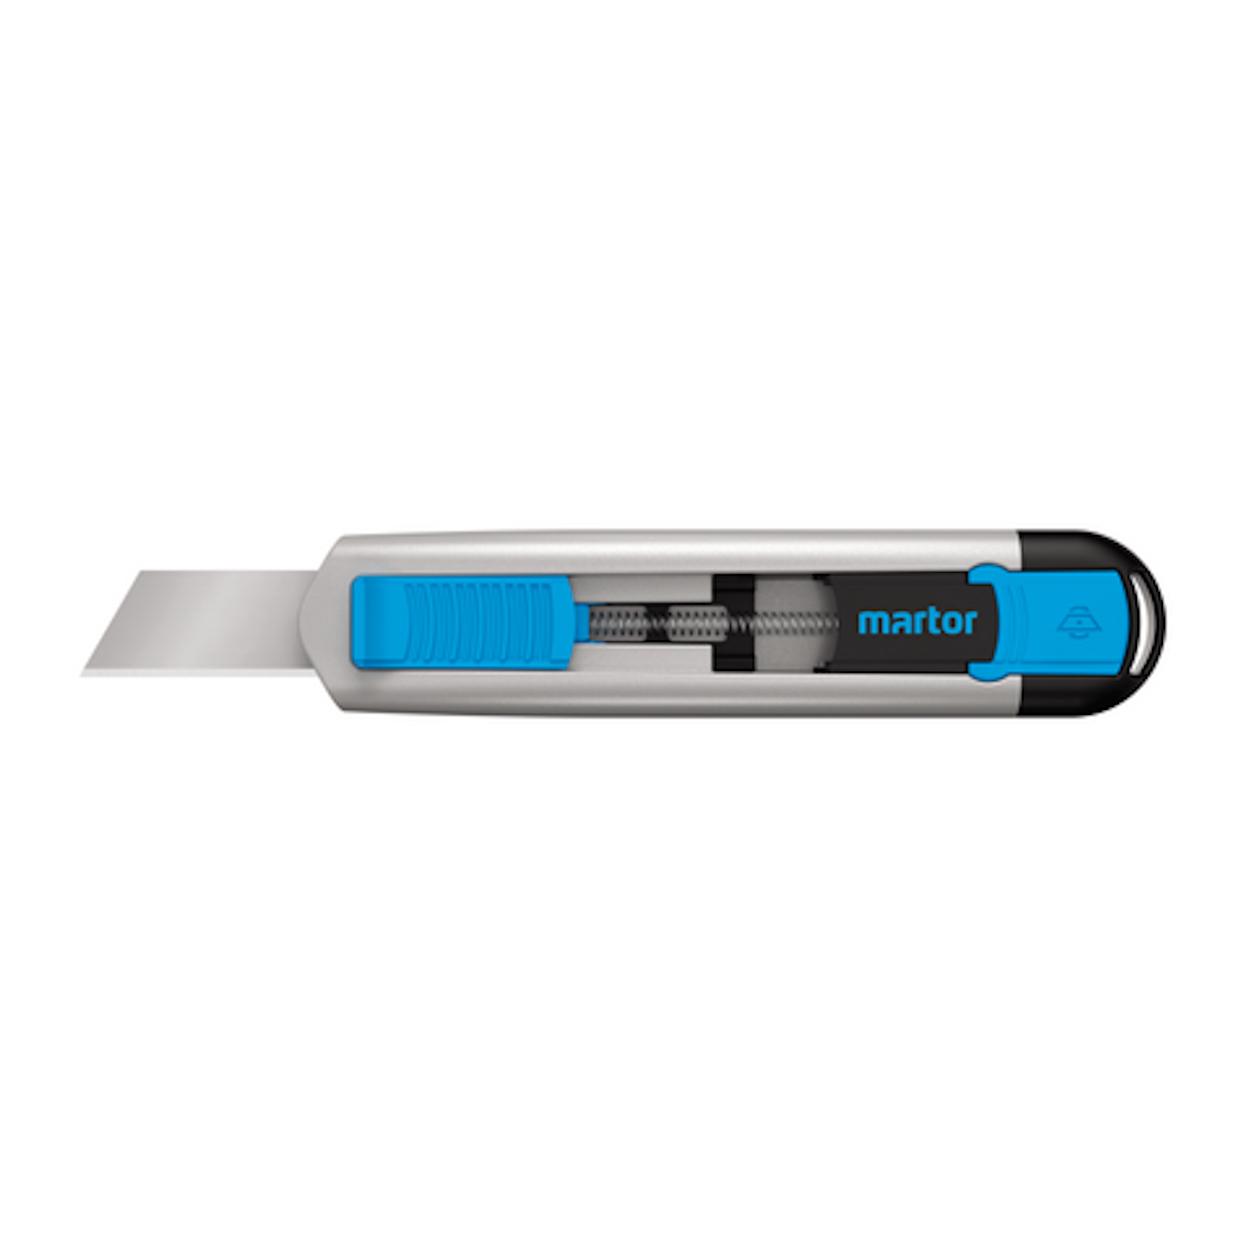 SECUNORM 540 - Bezpečnostní nůž s dlouhou čepelí